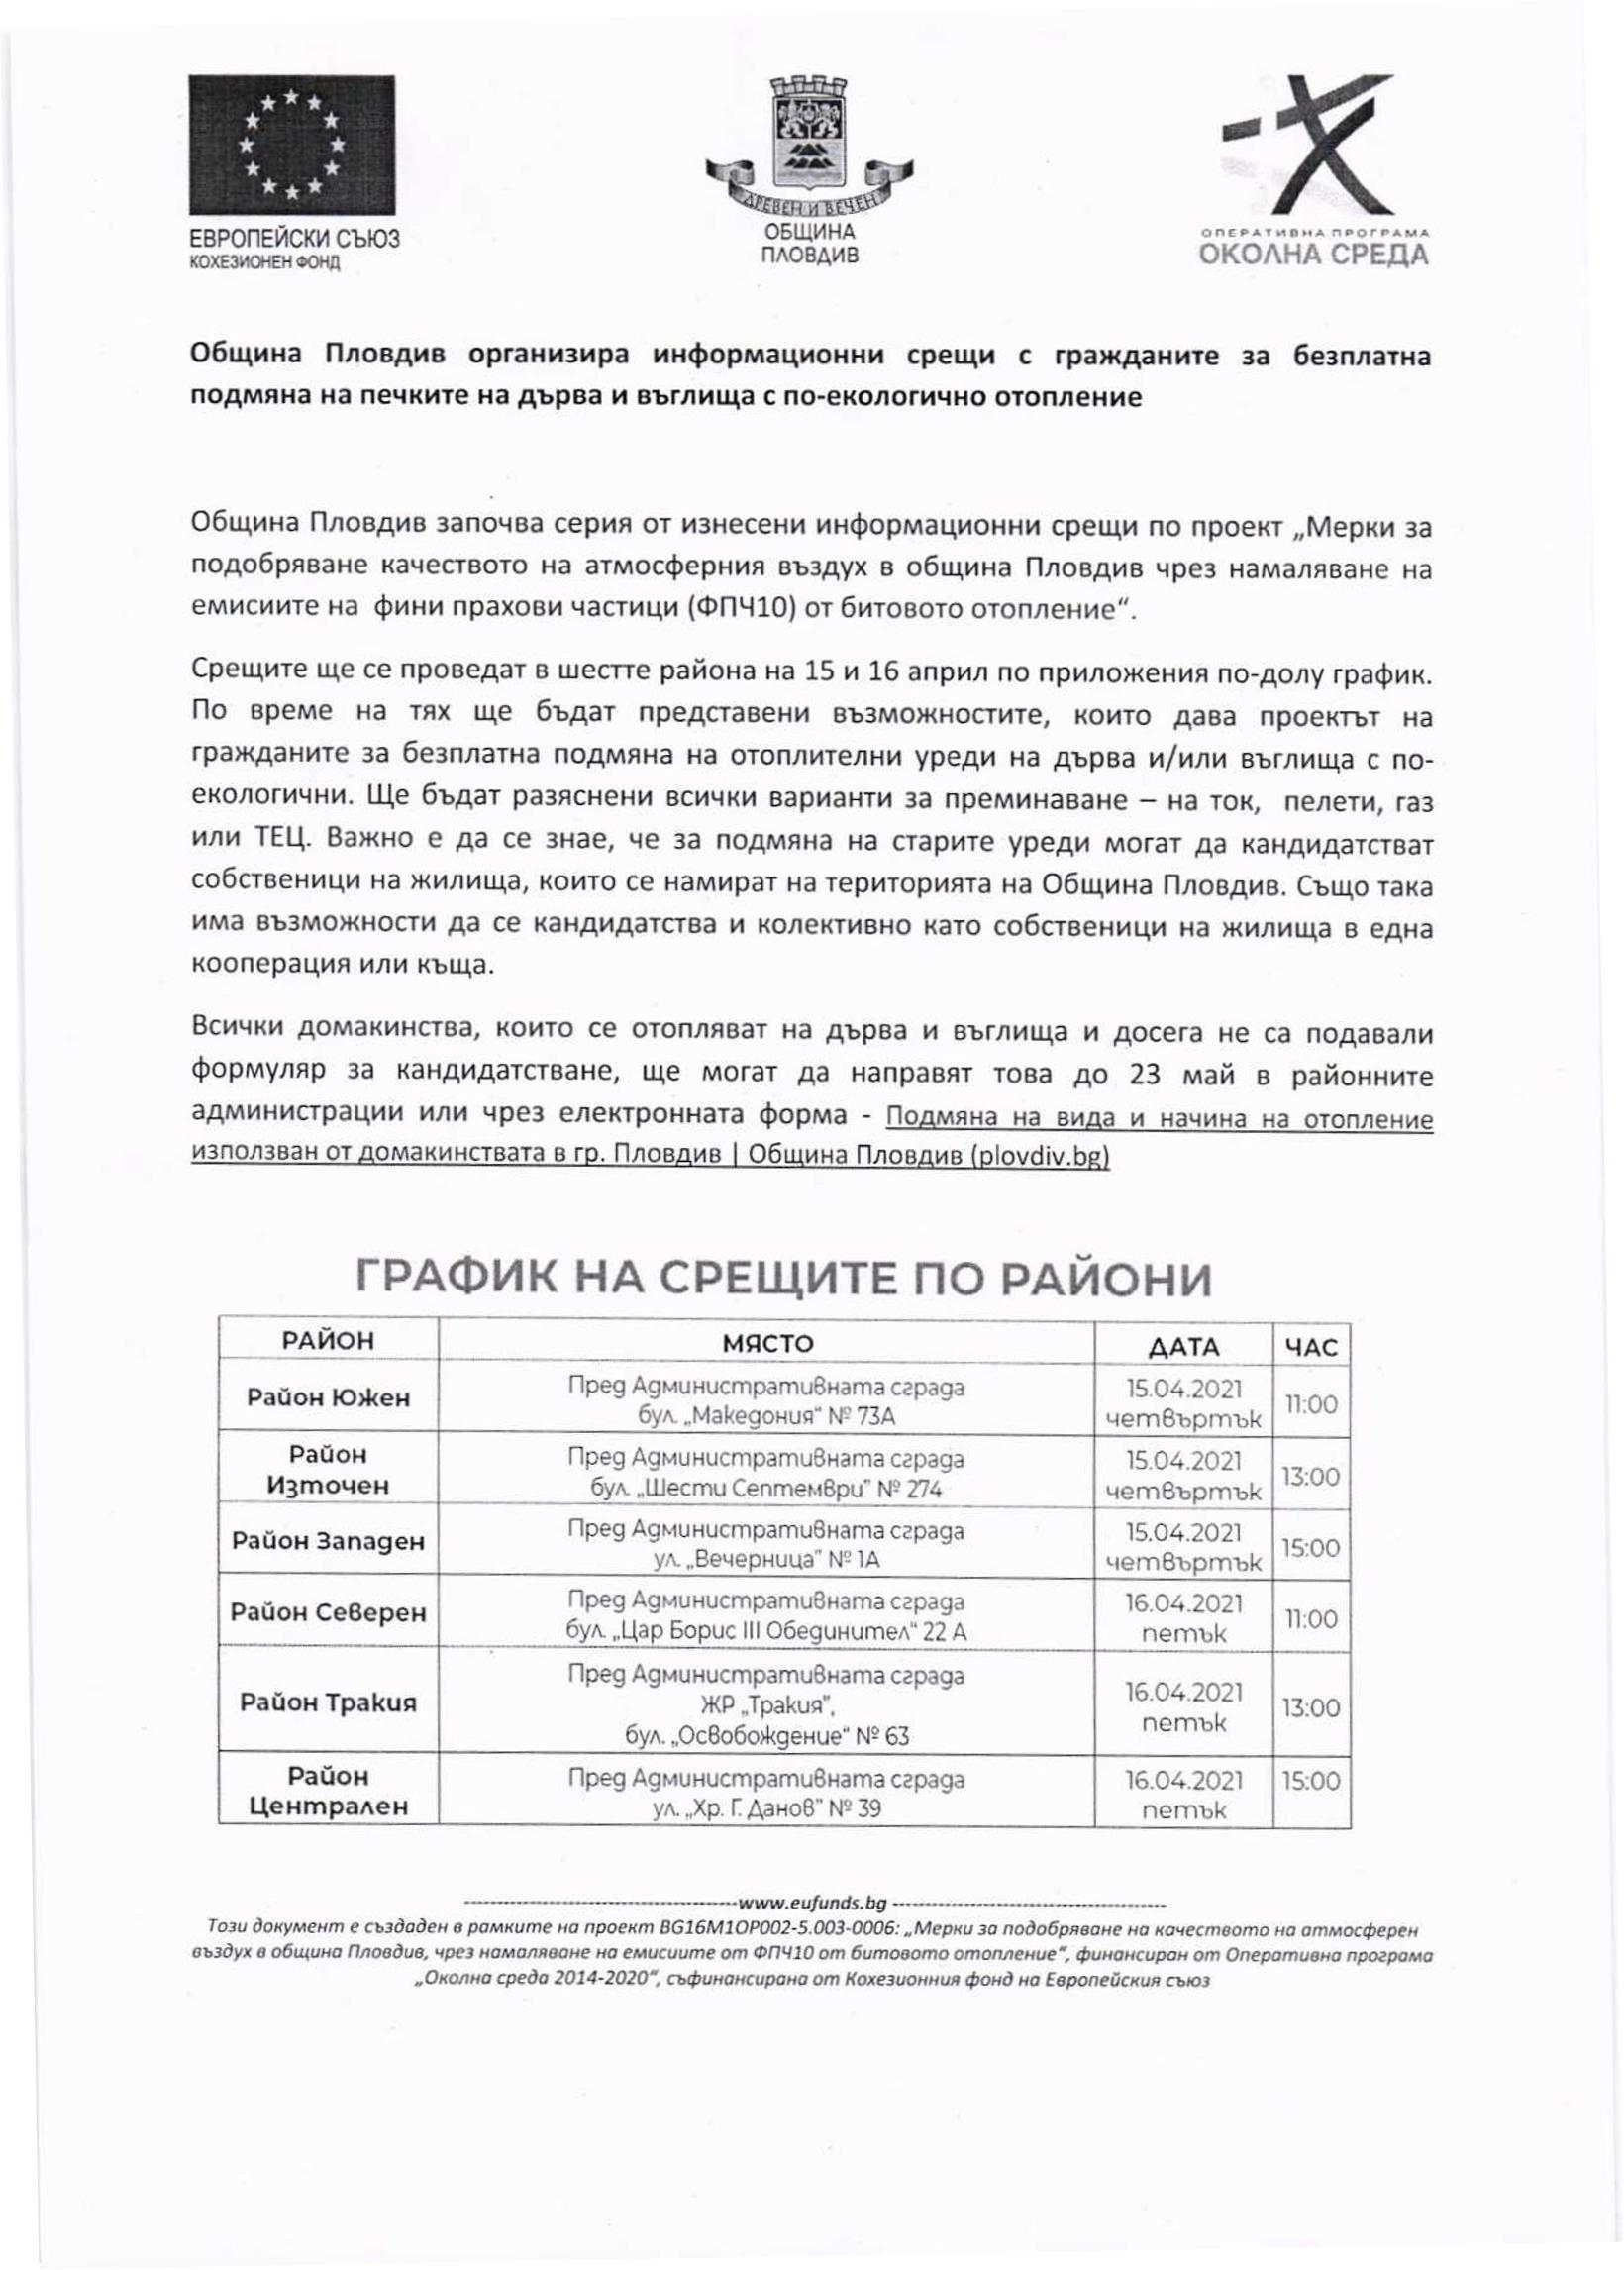 Община Пловдив организира информационни срещи с гражданите за безплатна подмяна на печките на дърва и въглища с по-екологично отопление